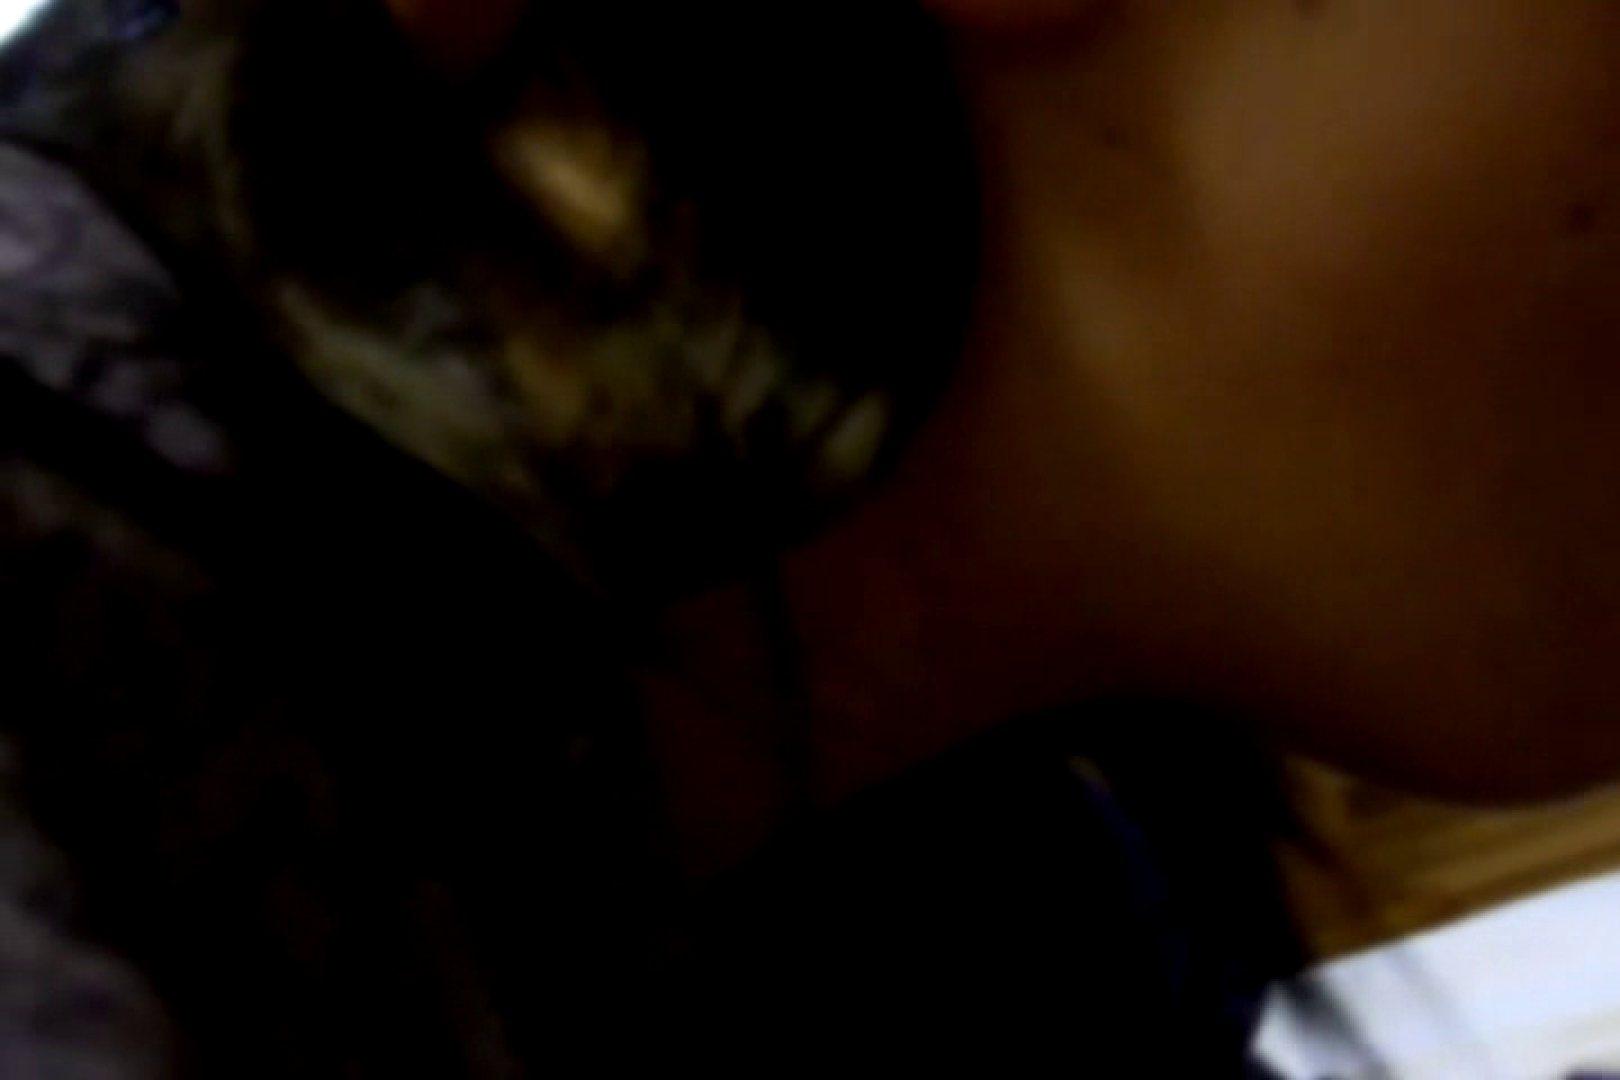 ウイルス流出 レオ&マンコのアルバム プライベート映像 盗み撮り動画 105pic 58